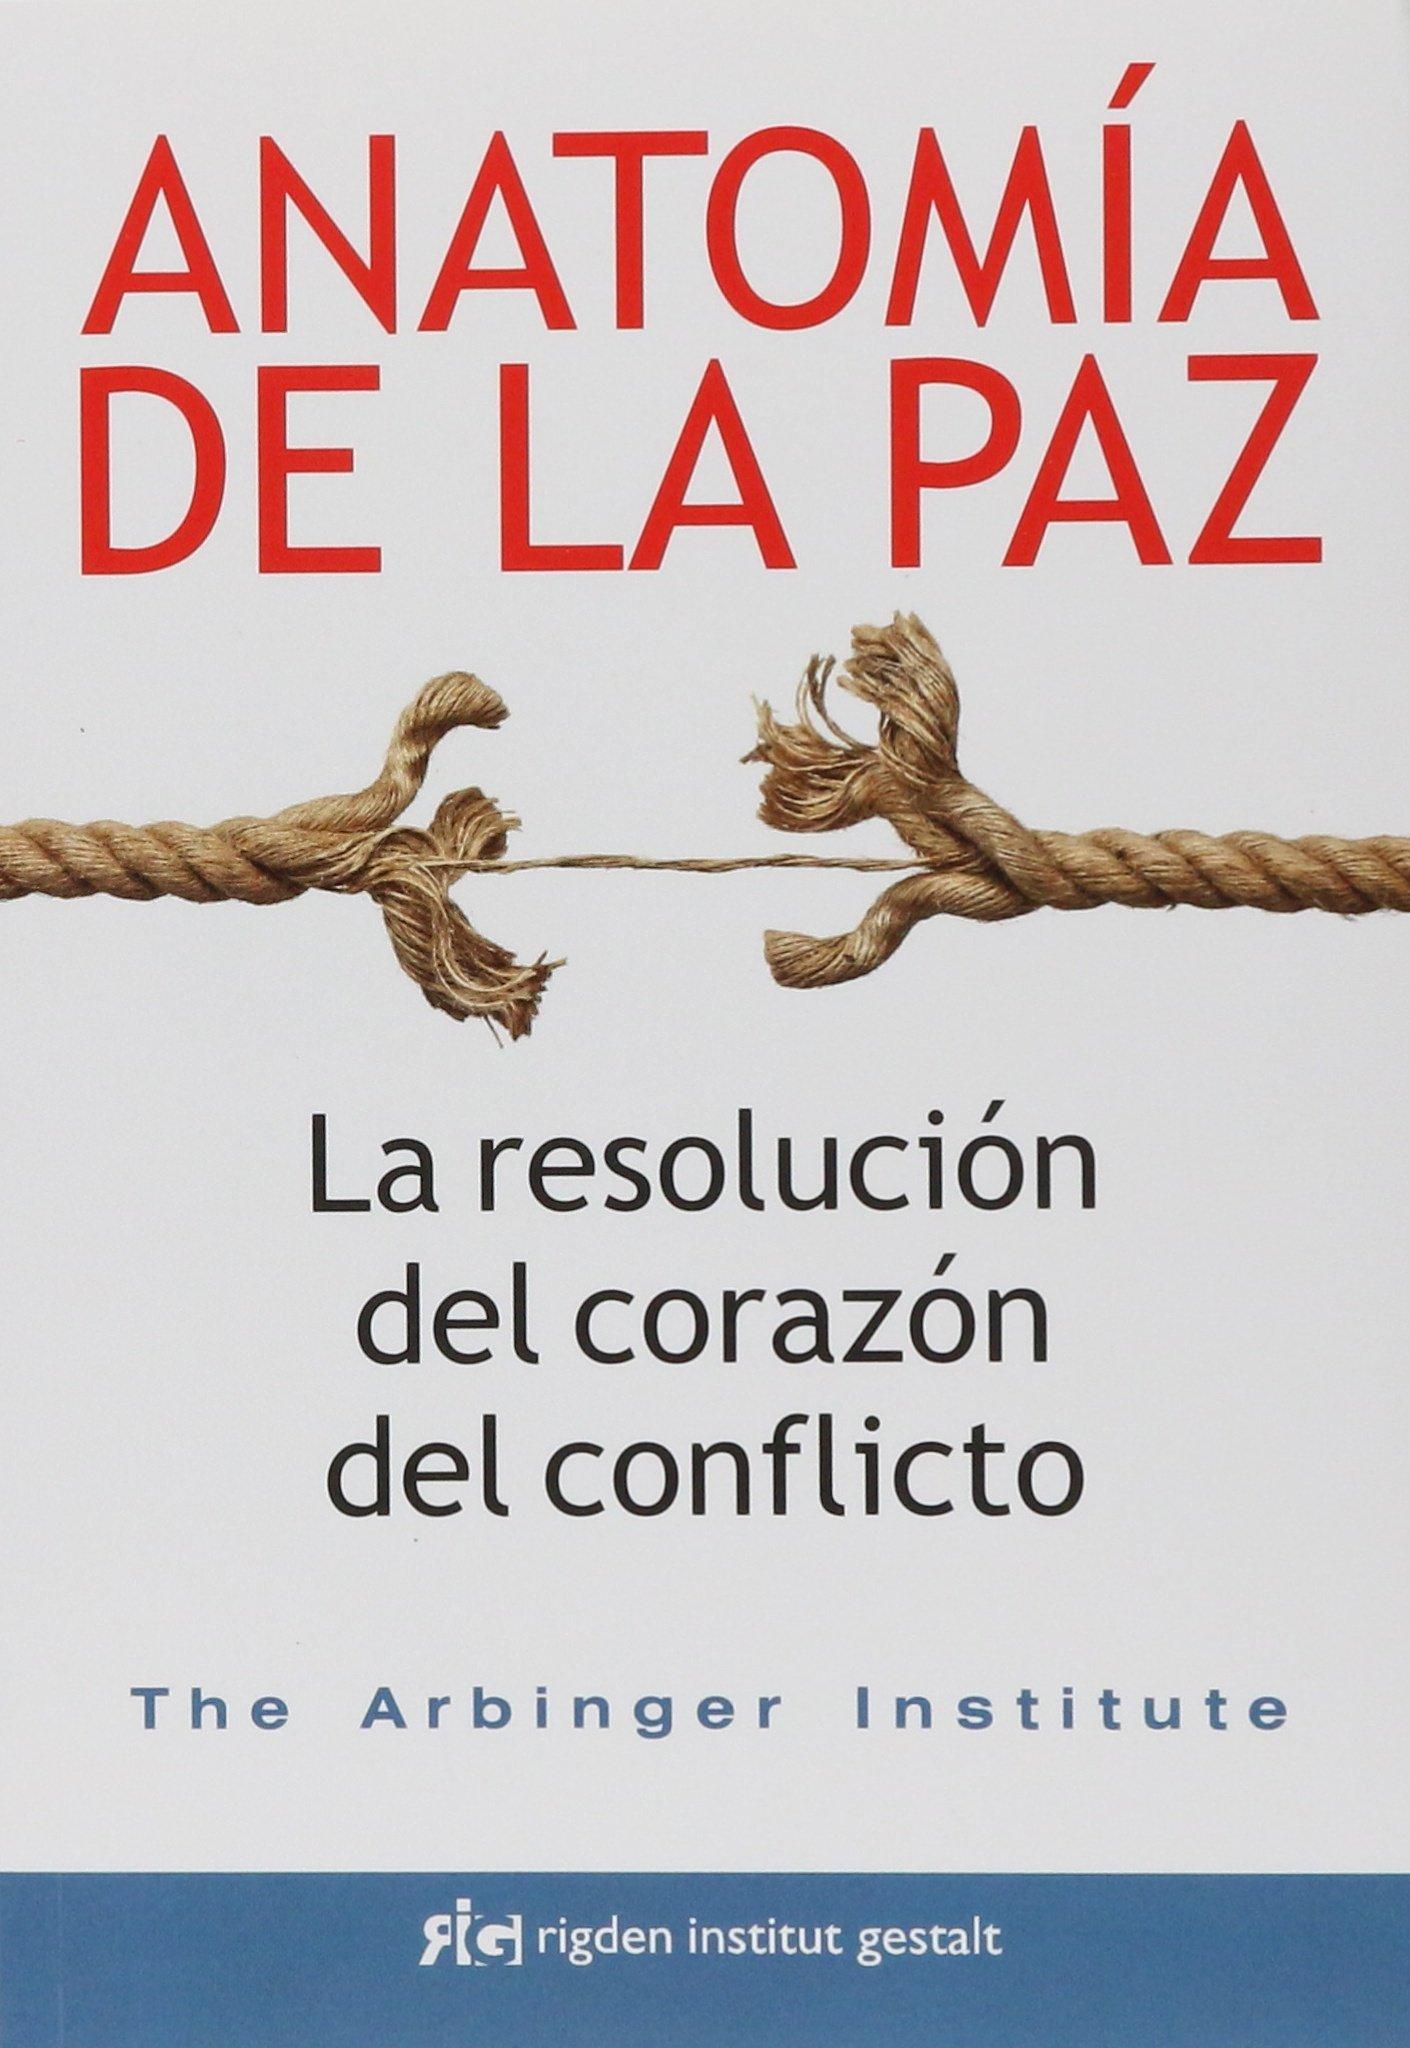 Anatomía de la paz. La resolución del corazón del conflicto (Sabiduría) Tapa blanda – 30 mar 2017 The Arbinger Institute Blanca González Villegas Rigden 8494479806